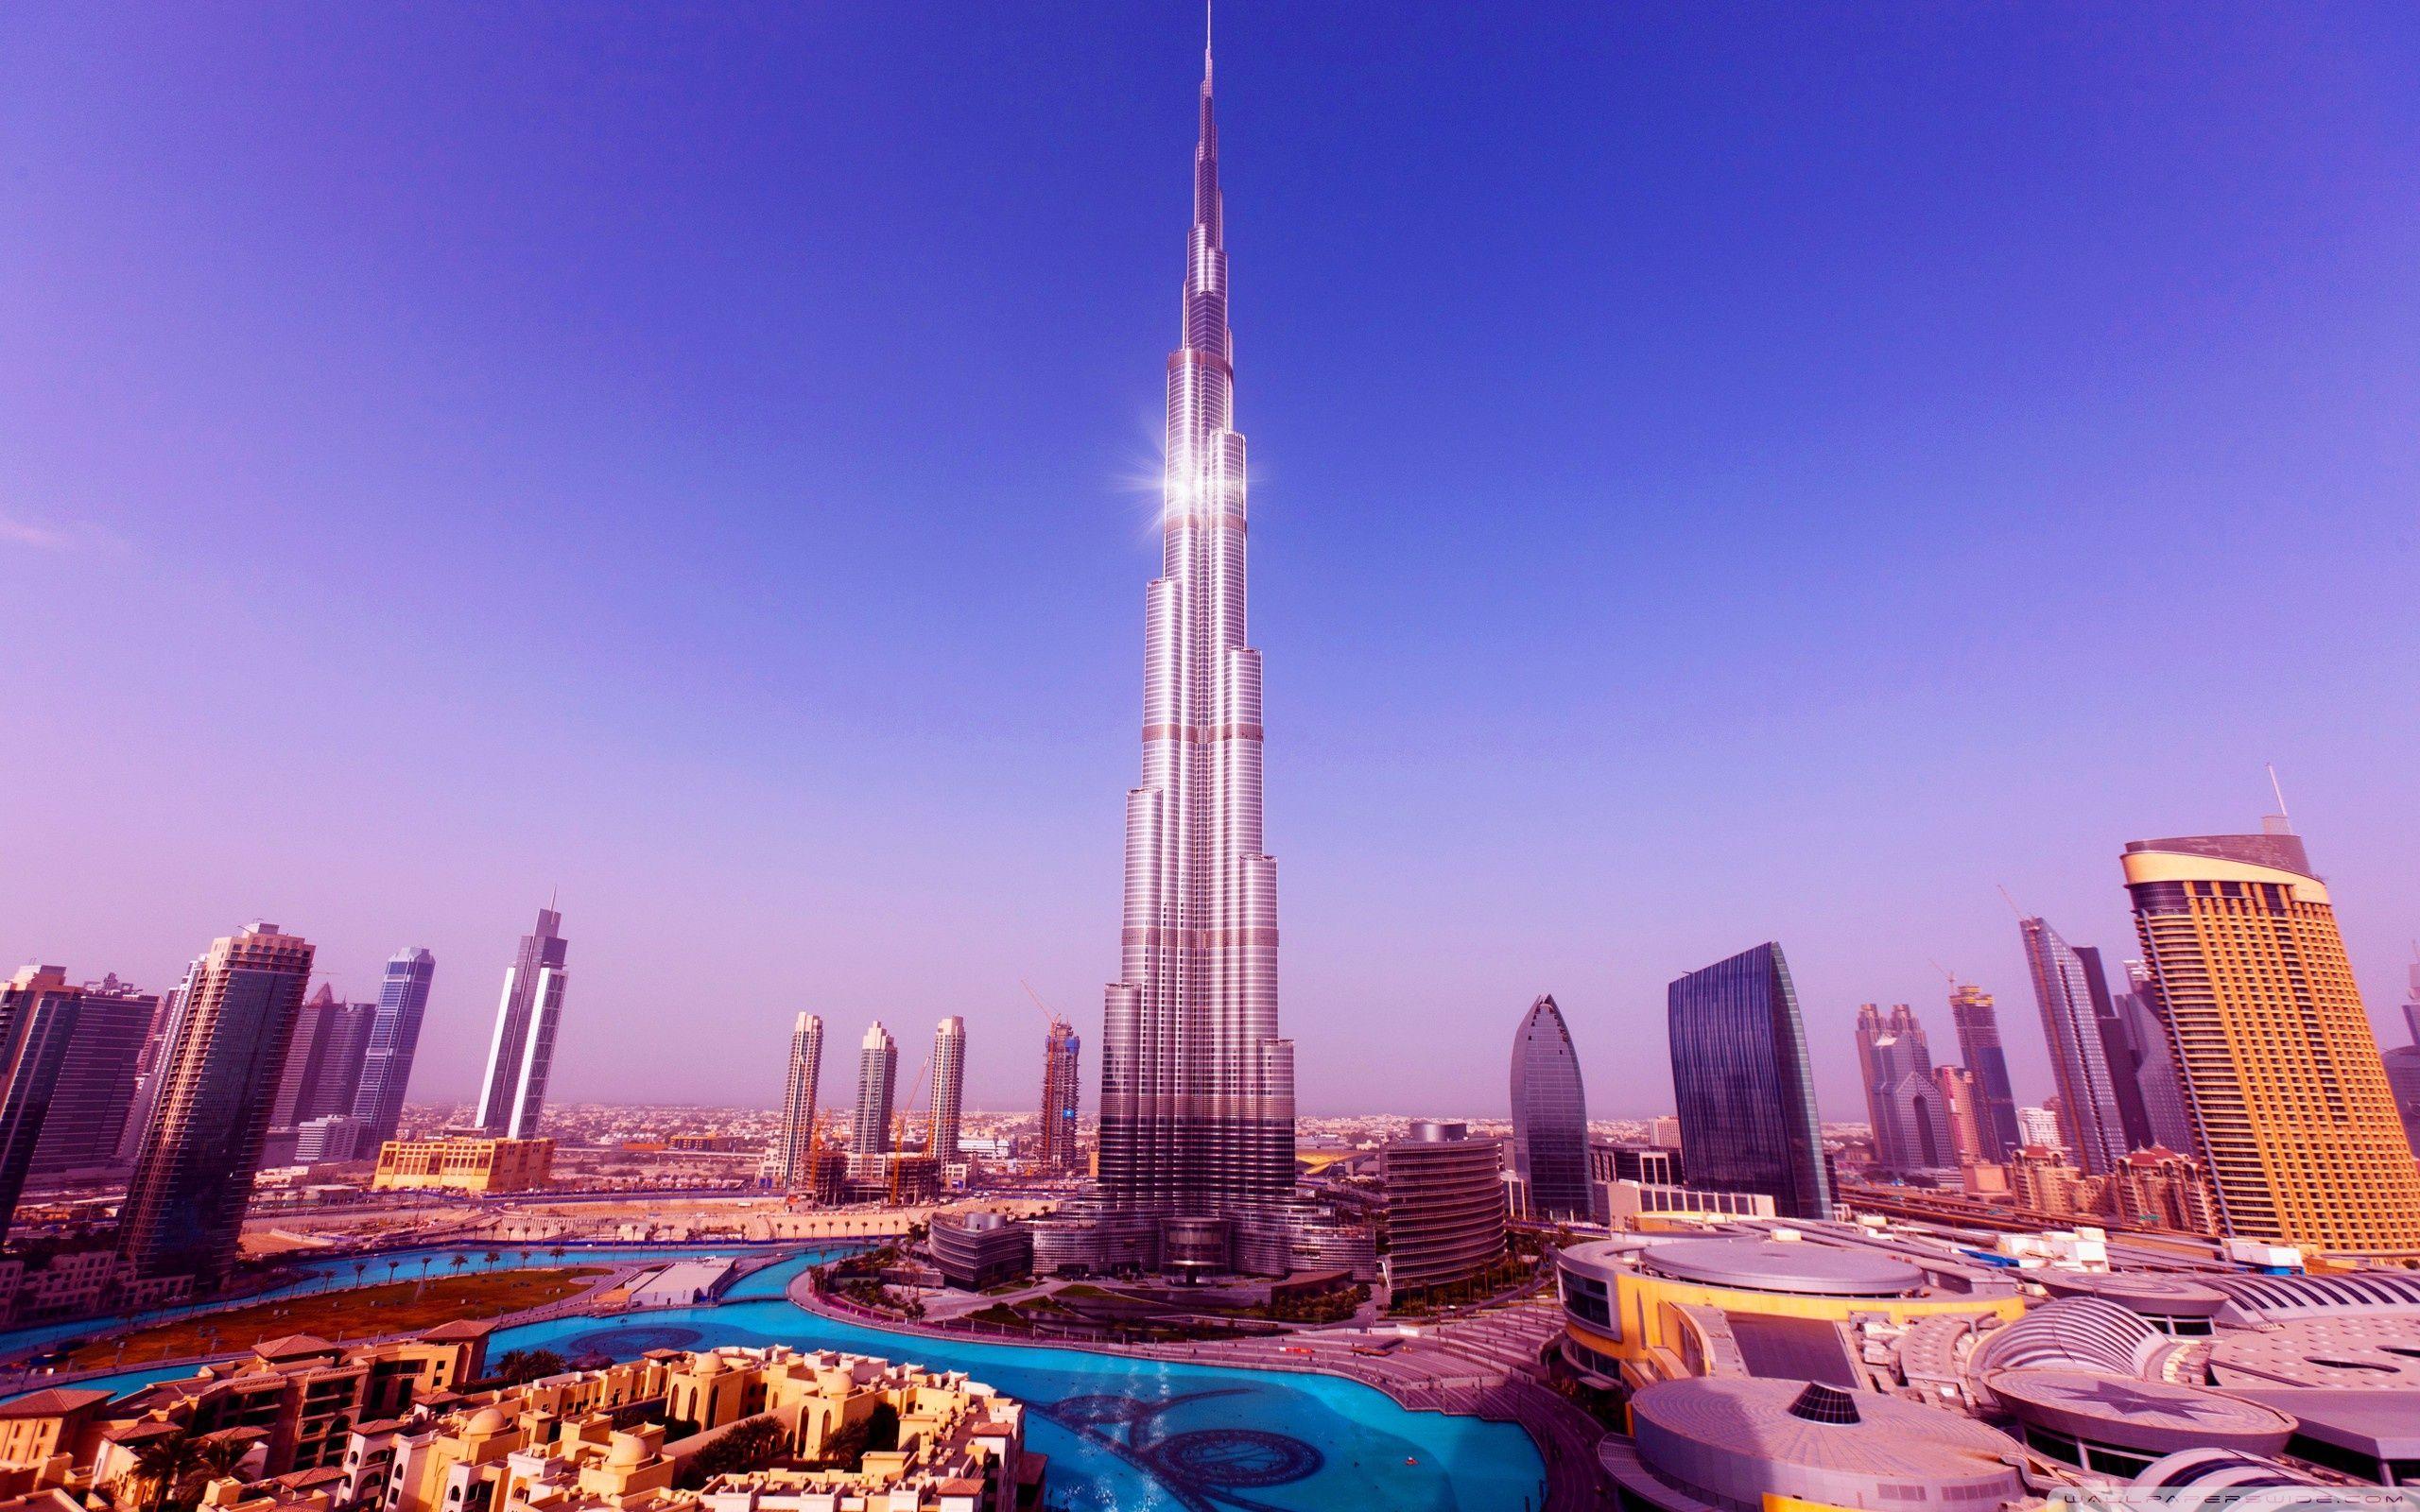 5 Easy Ways To Obtain Your Dubai Visa Burj Khalifa Dubai Tour Dubai City